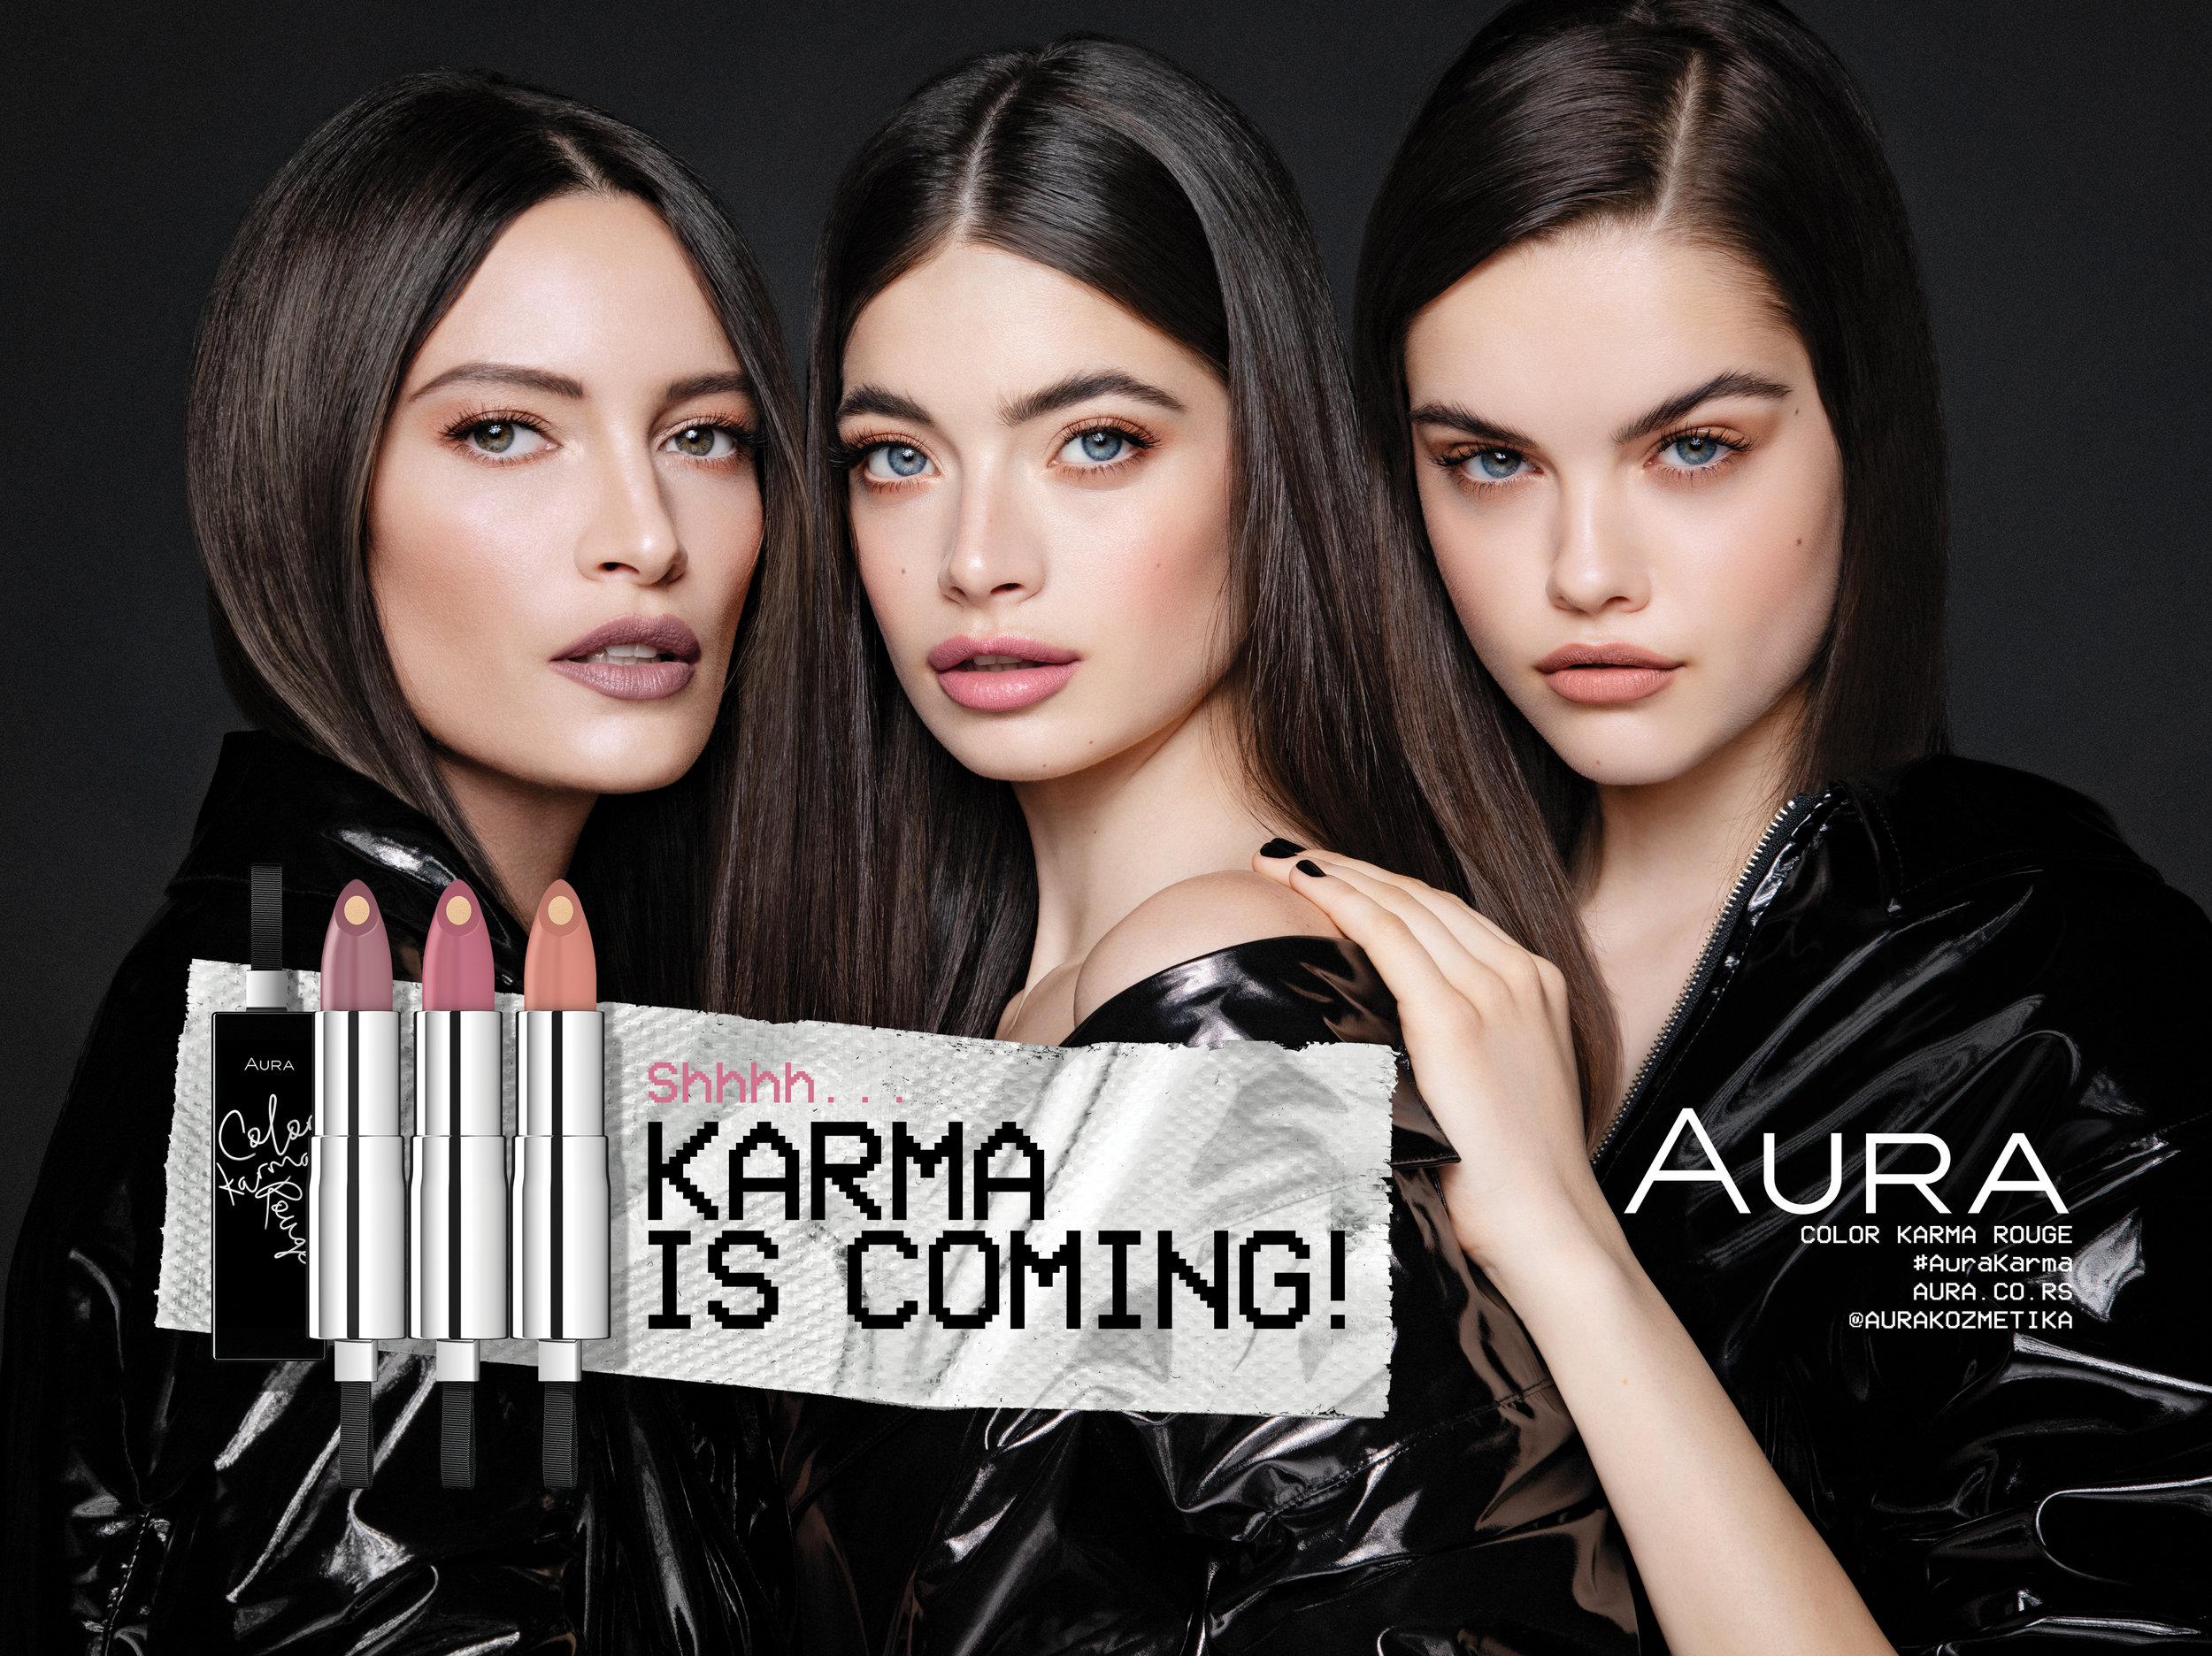 Aura Color Karma Rouge Backlight.jpg